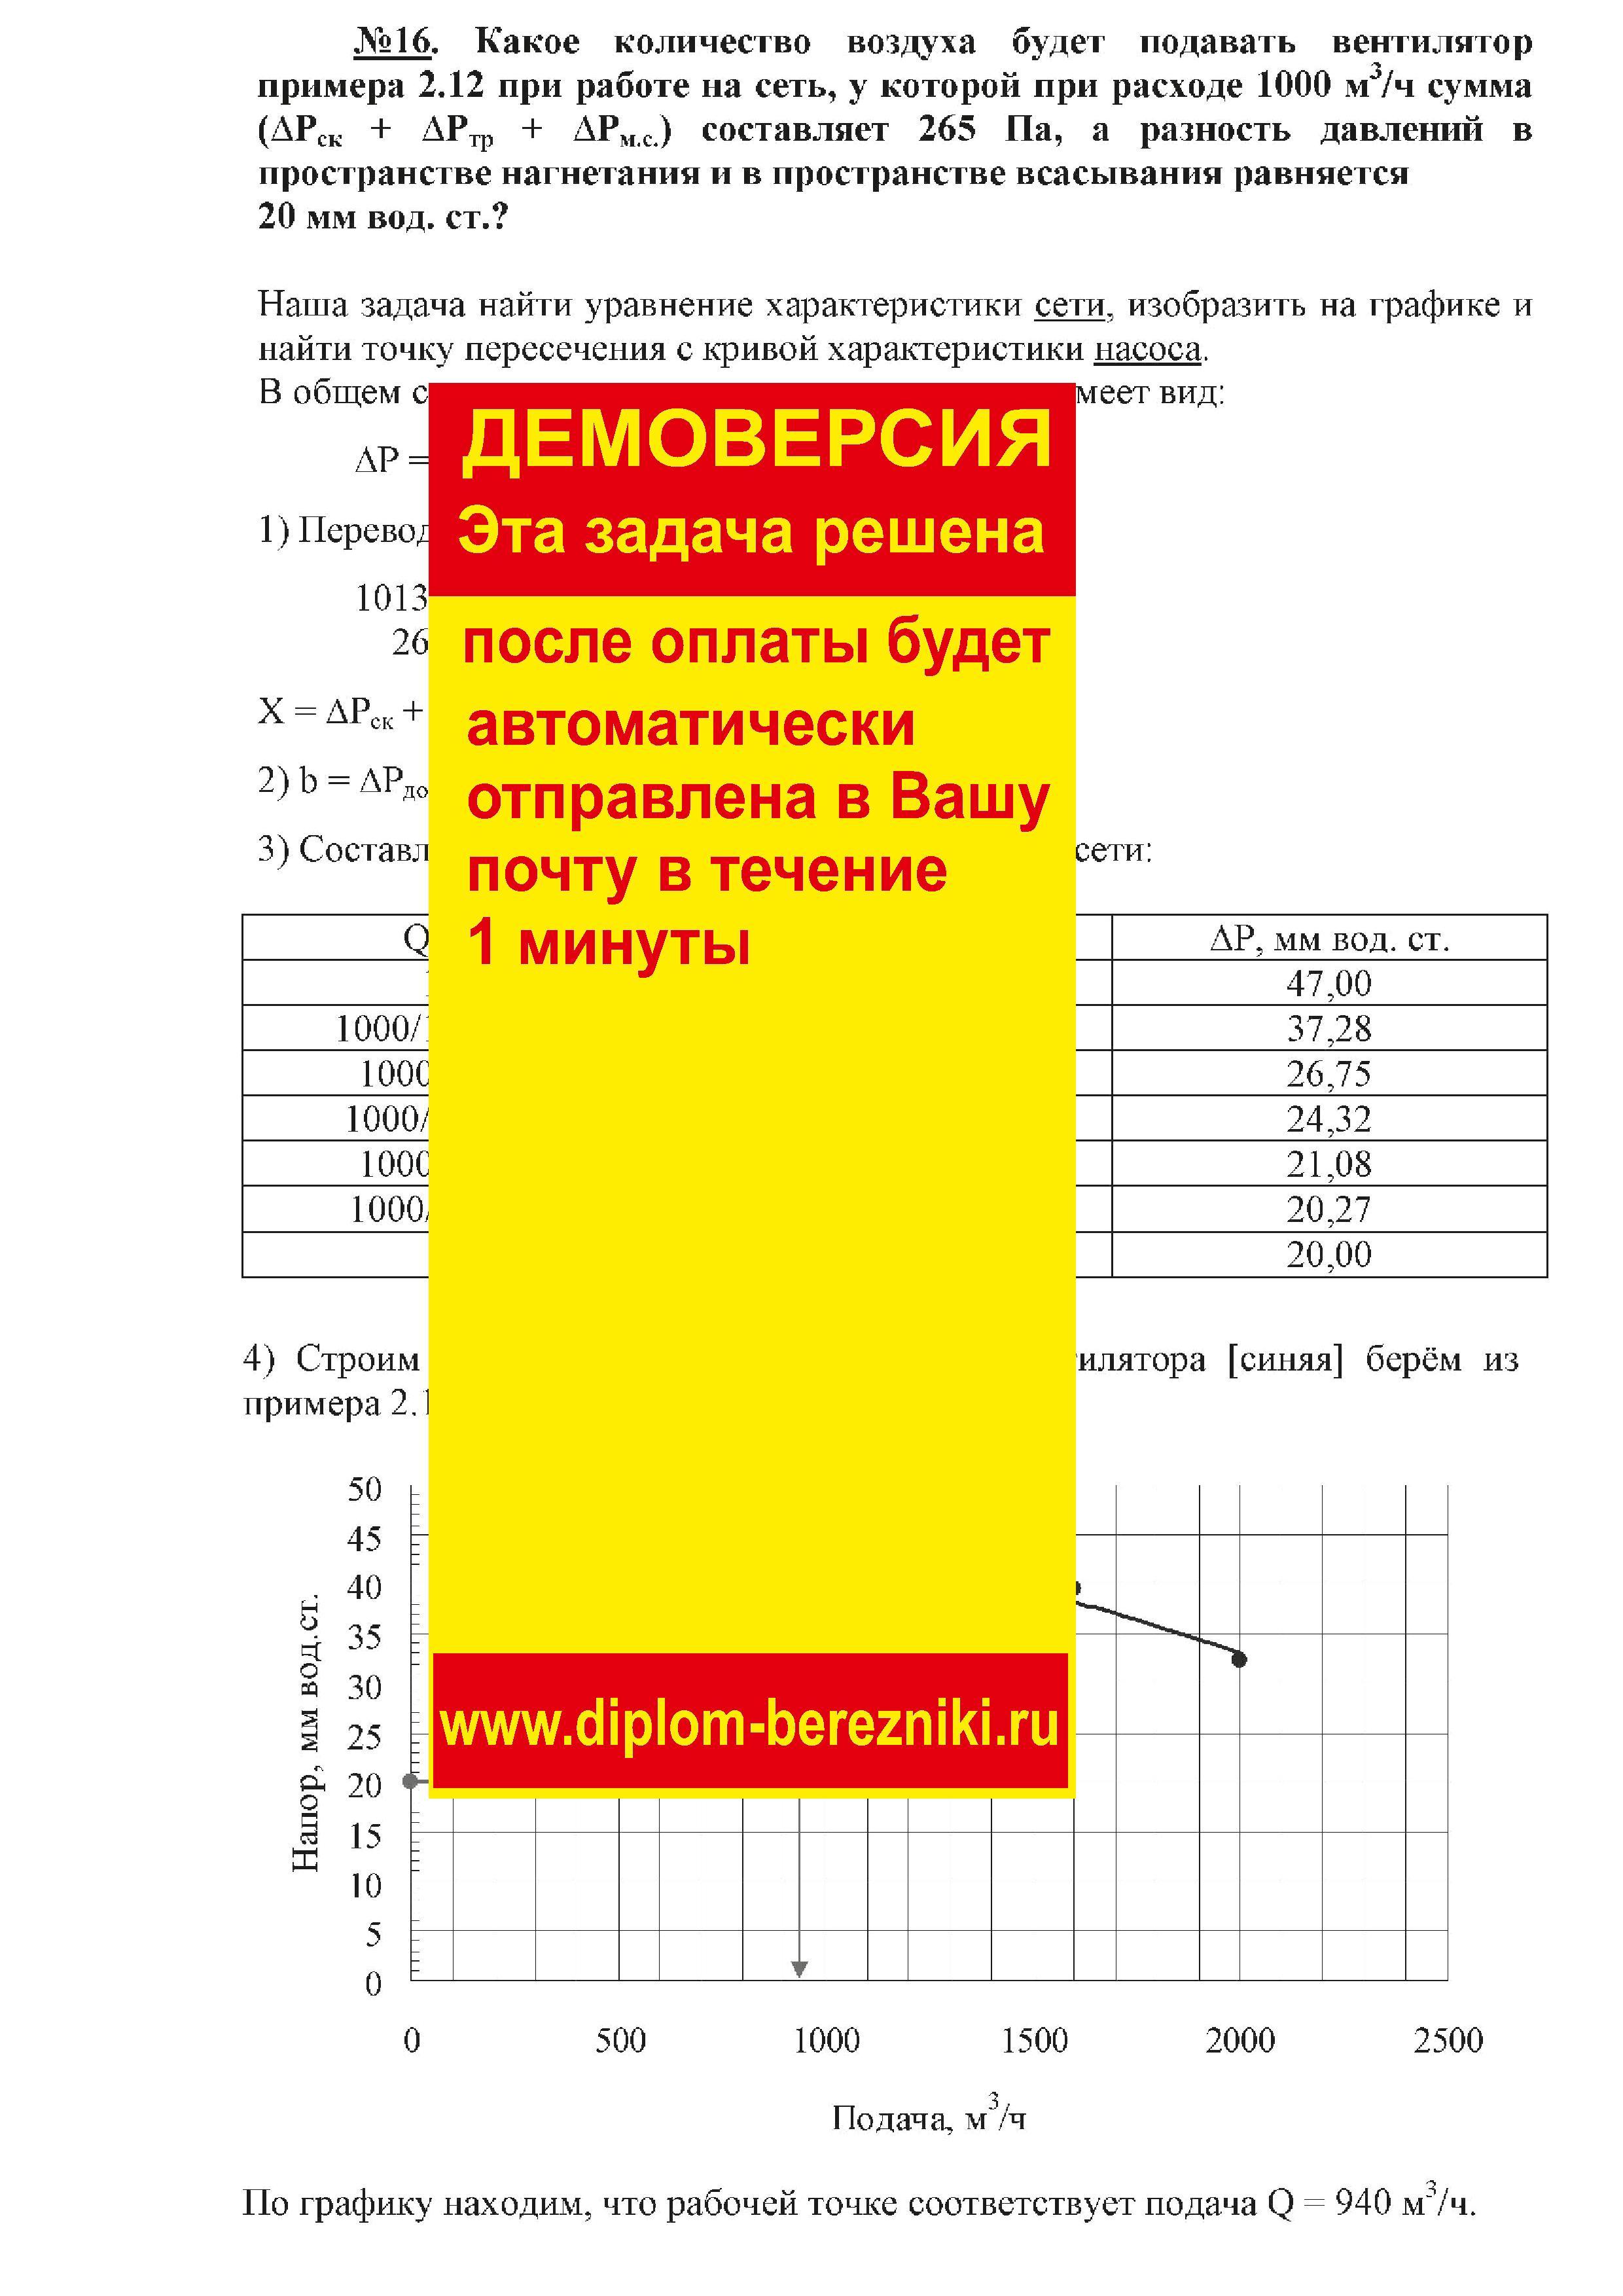 Решение задачи 2.16 по ПАХТ из задачника Павлова Романкова Носкова